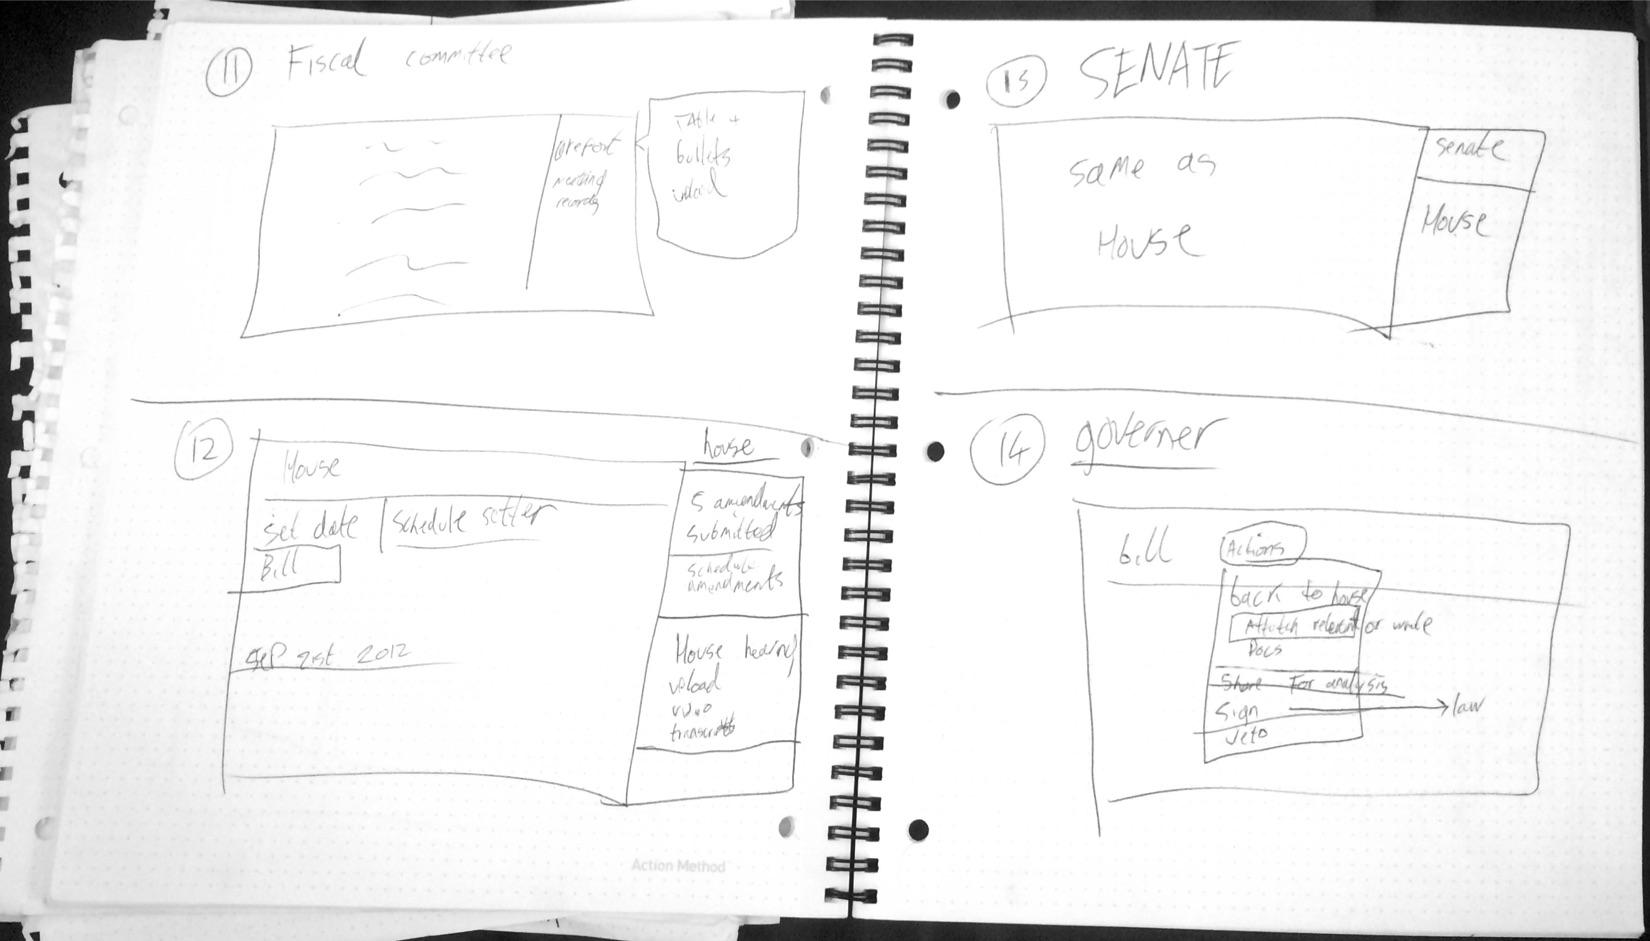 Draft notes4 .jpg